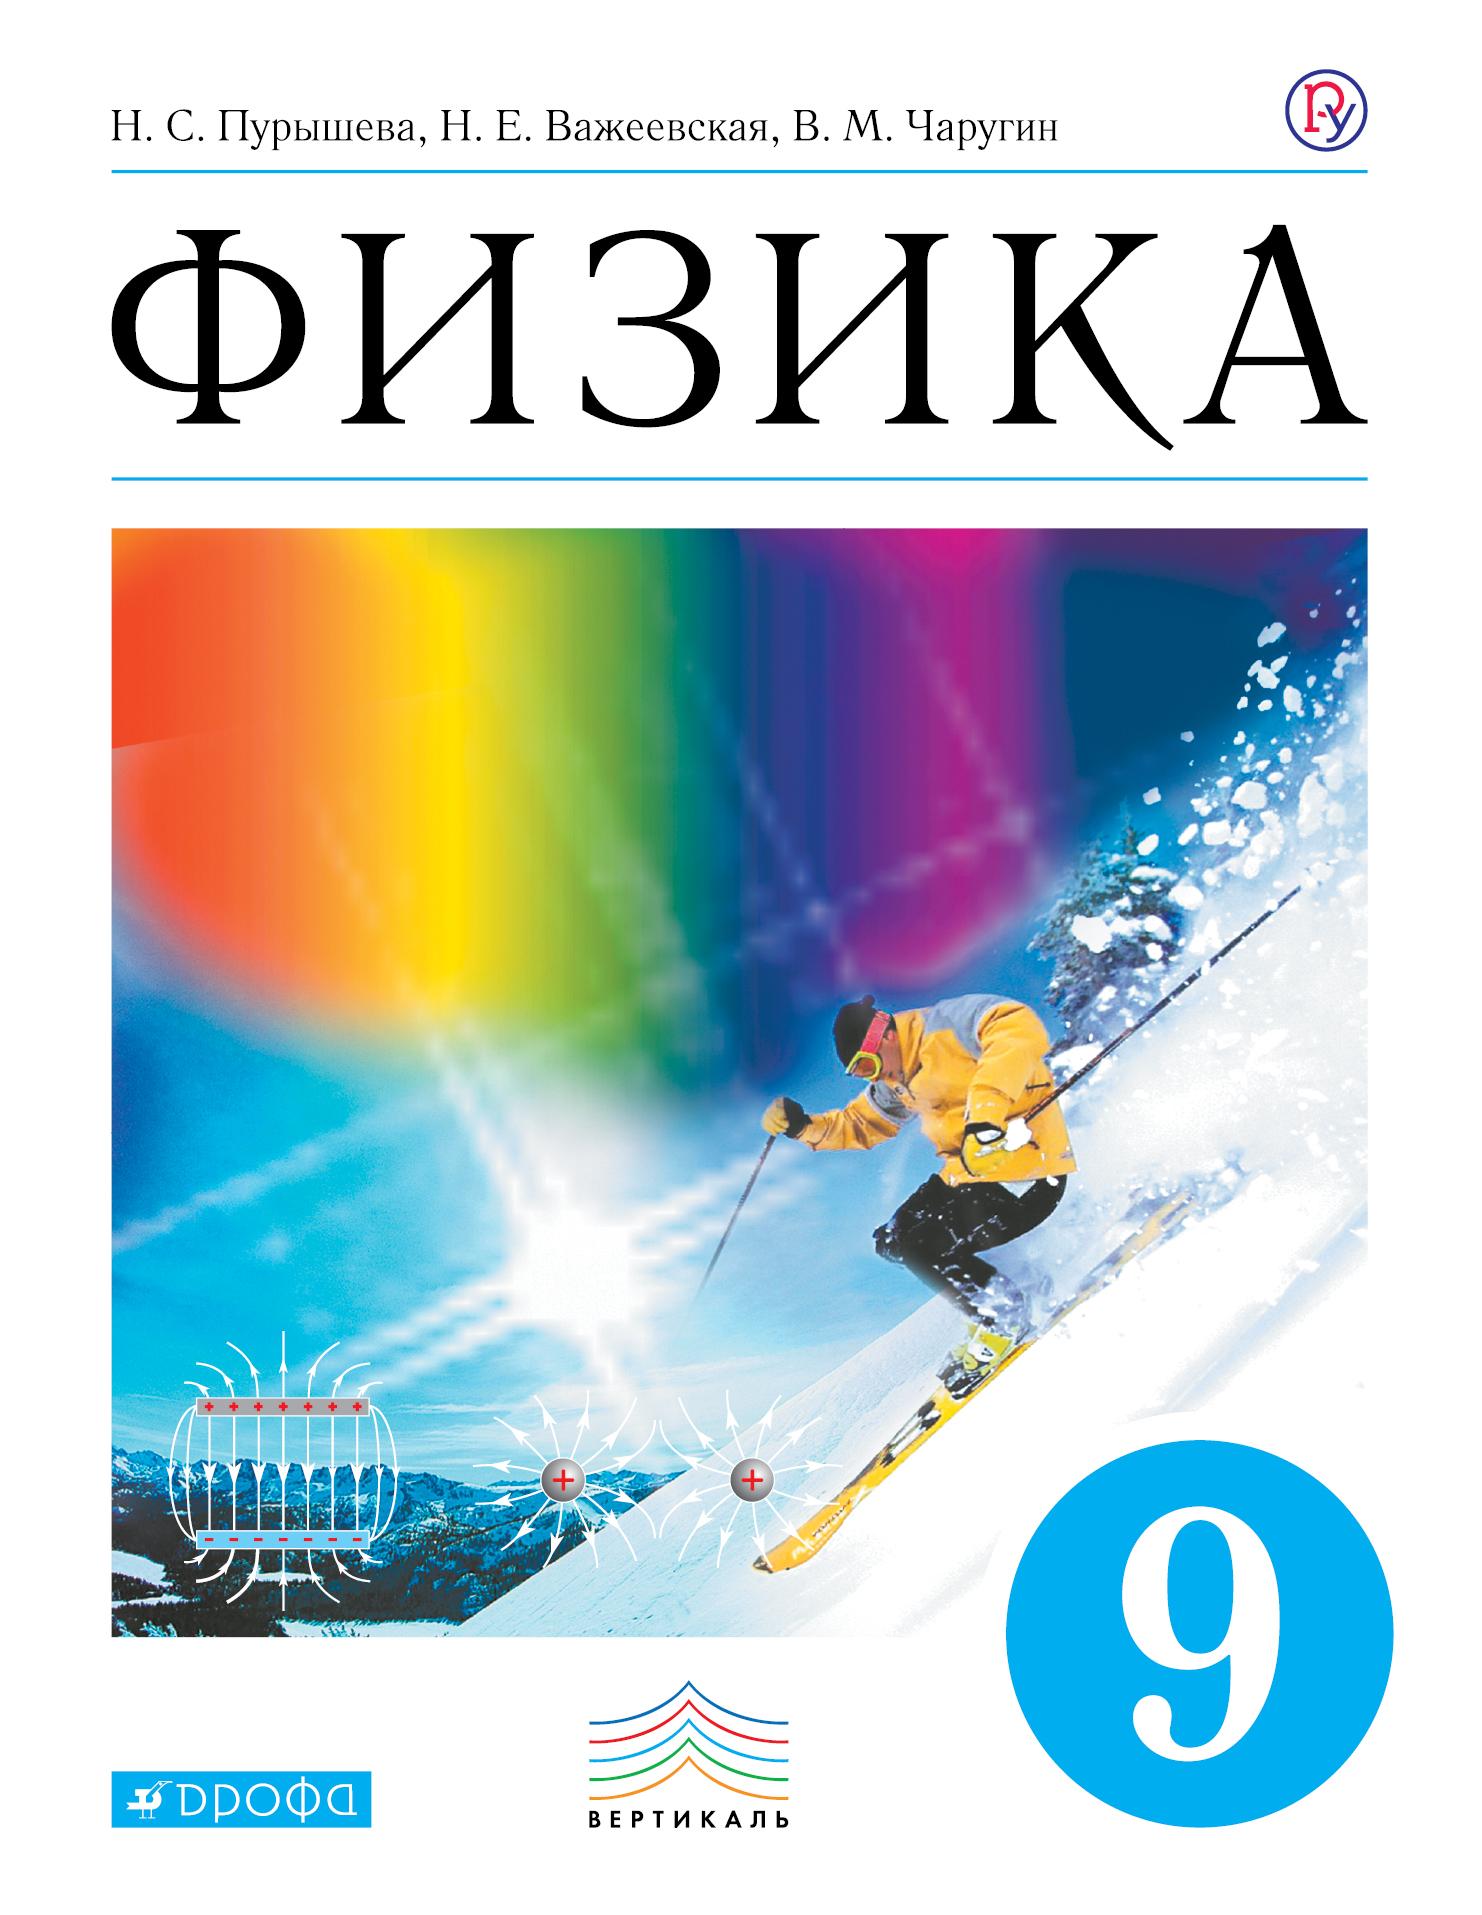 Пурышева Н.С., Важеевская Н.Е. Физика. 9 класс. Учебник. физика 9 класс